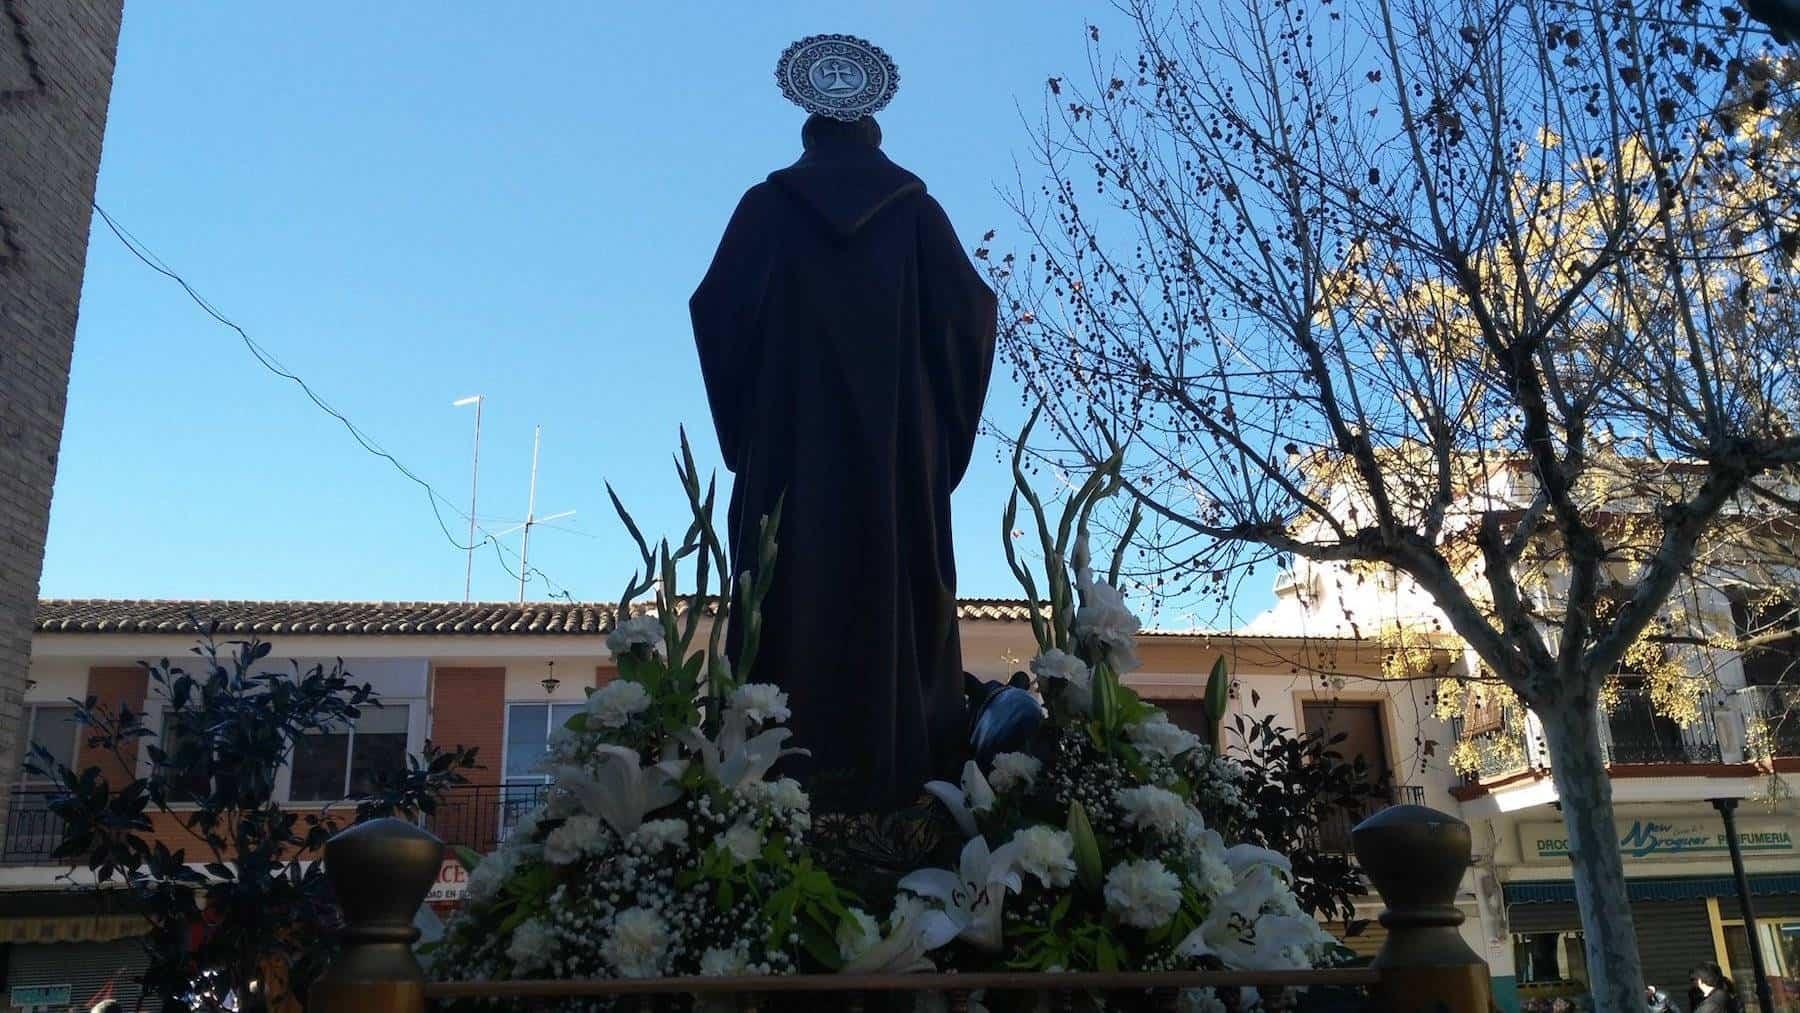 fiesta san anton herencia - Herencia celebró la festividad de San Antón con su tradicional hoguera